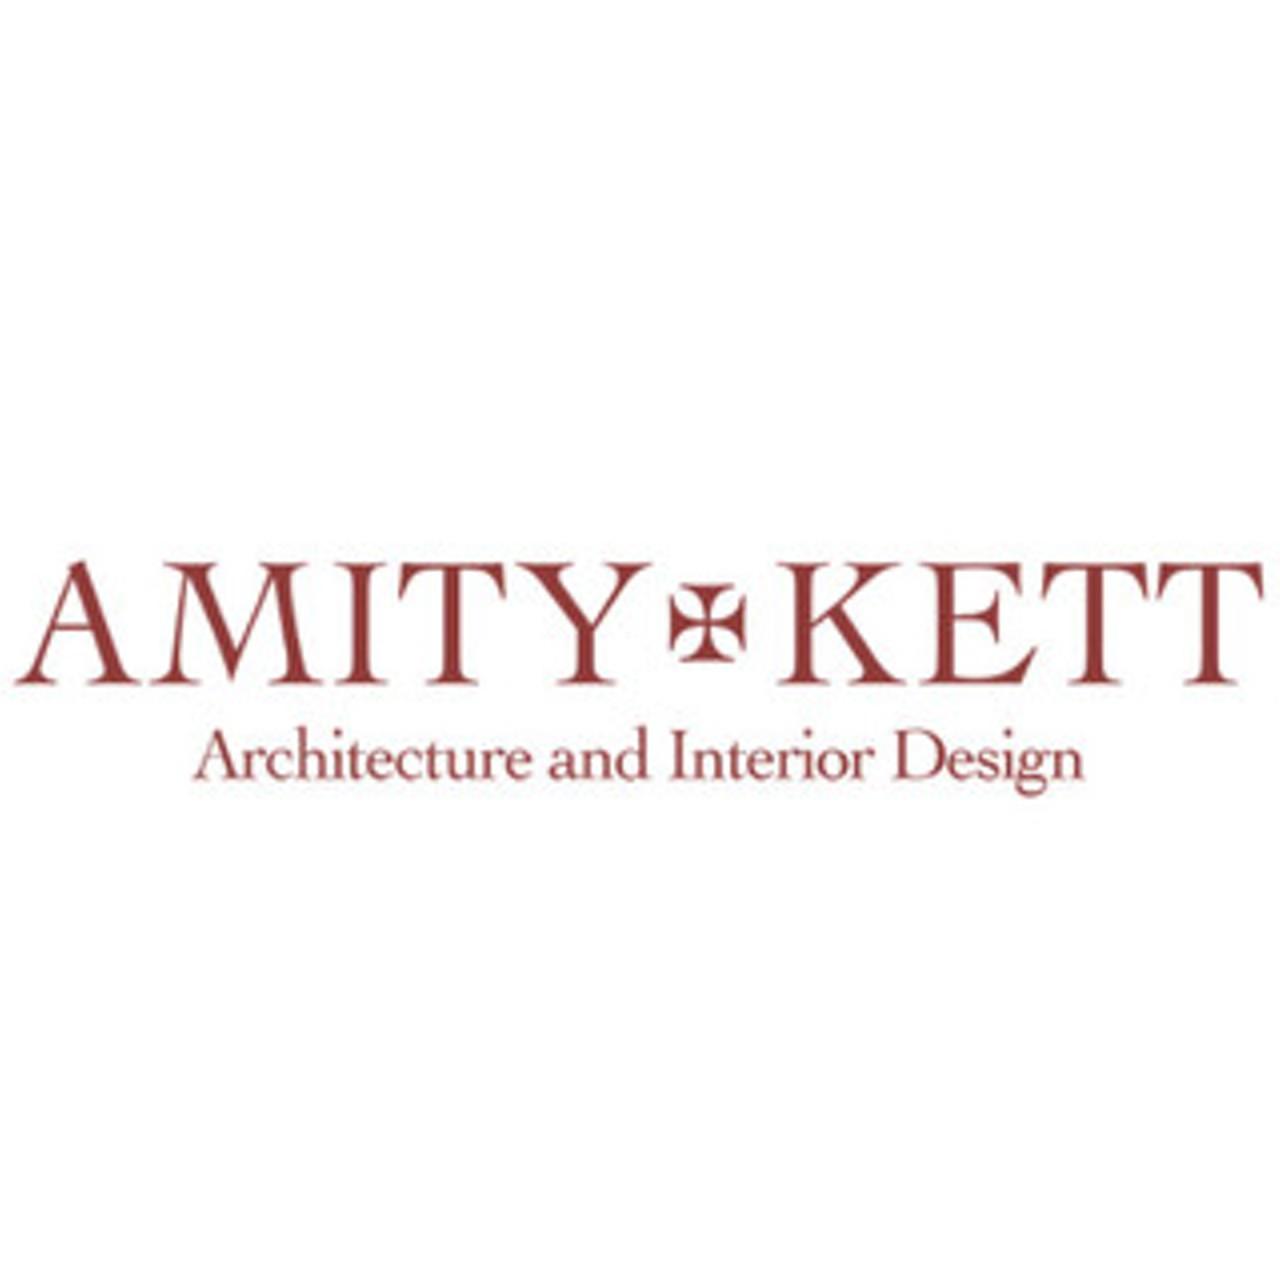 Amity Kett | Architecture & Interior Design | Central | Home ...